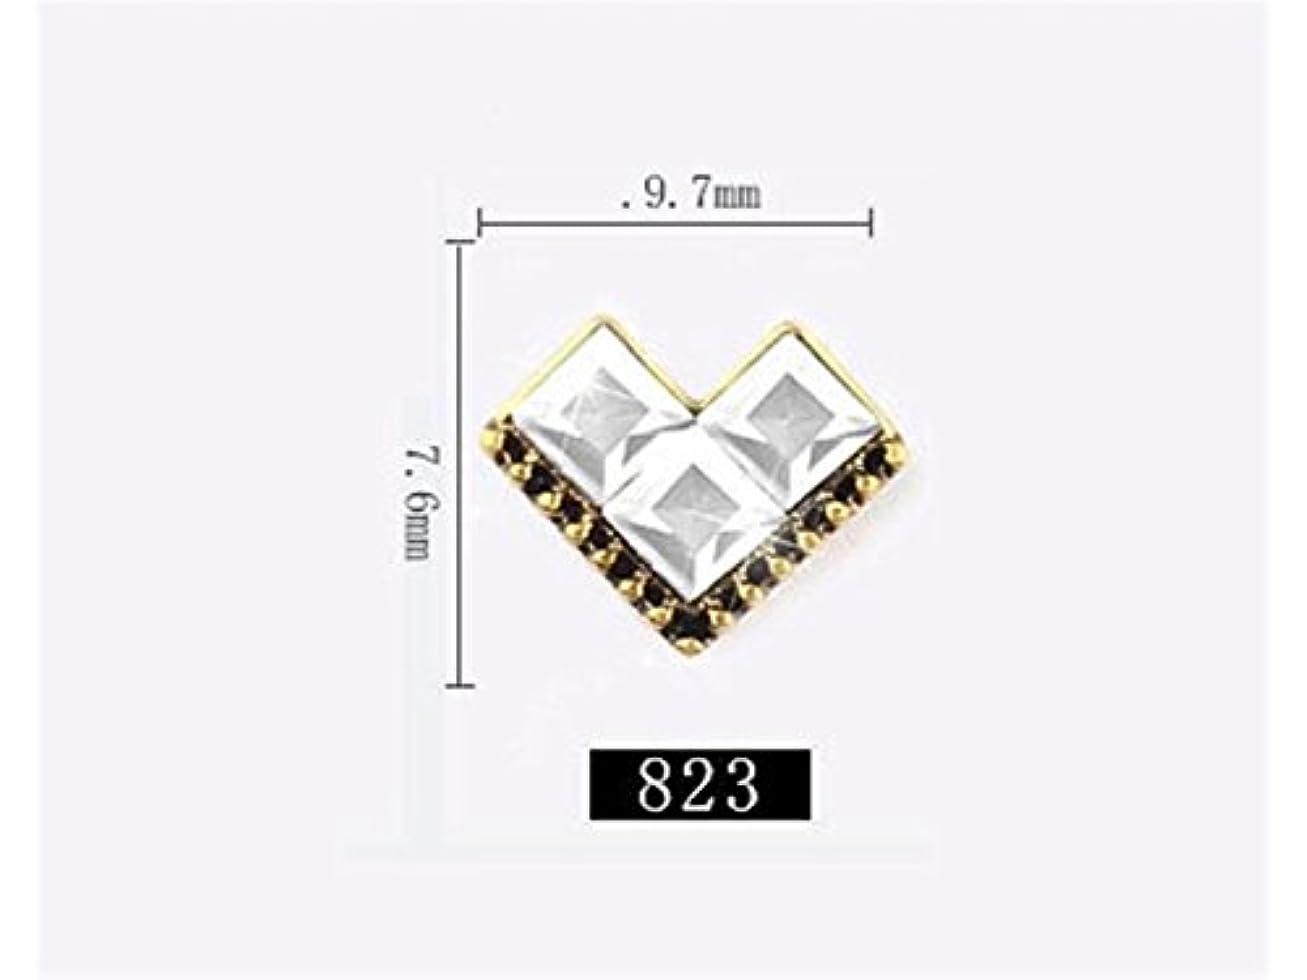 油シダ配偶者Osize 10本のラインストーンクリスタルガラスドリル3DネイルステッカーネイルアートデコレーションDIYネイルチップ(図示)